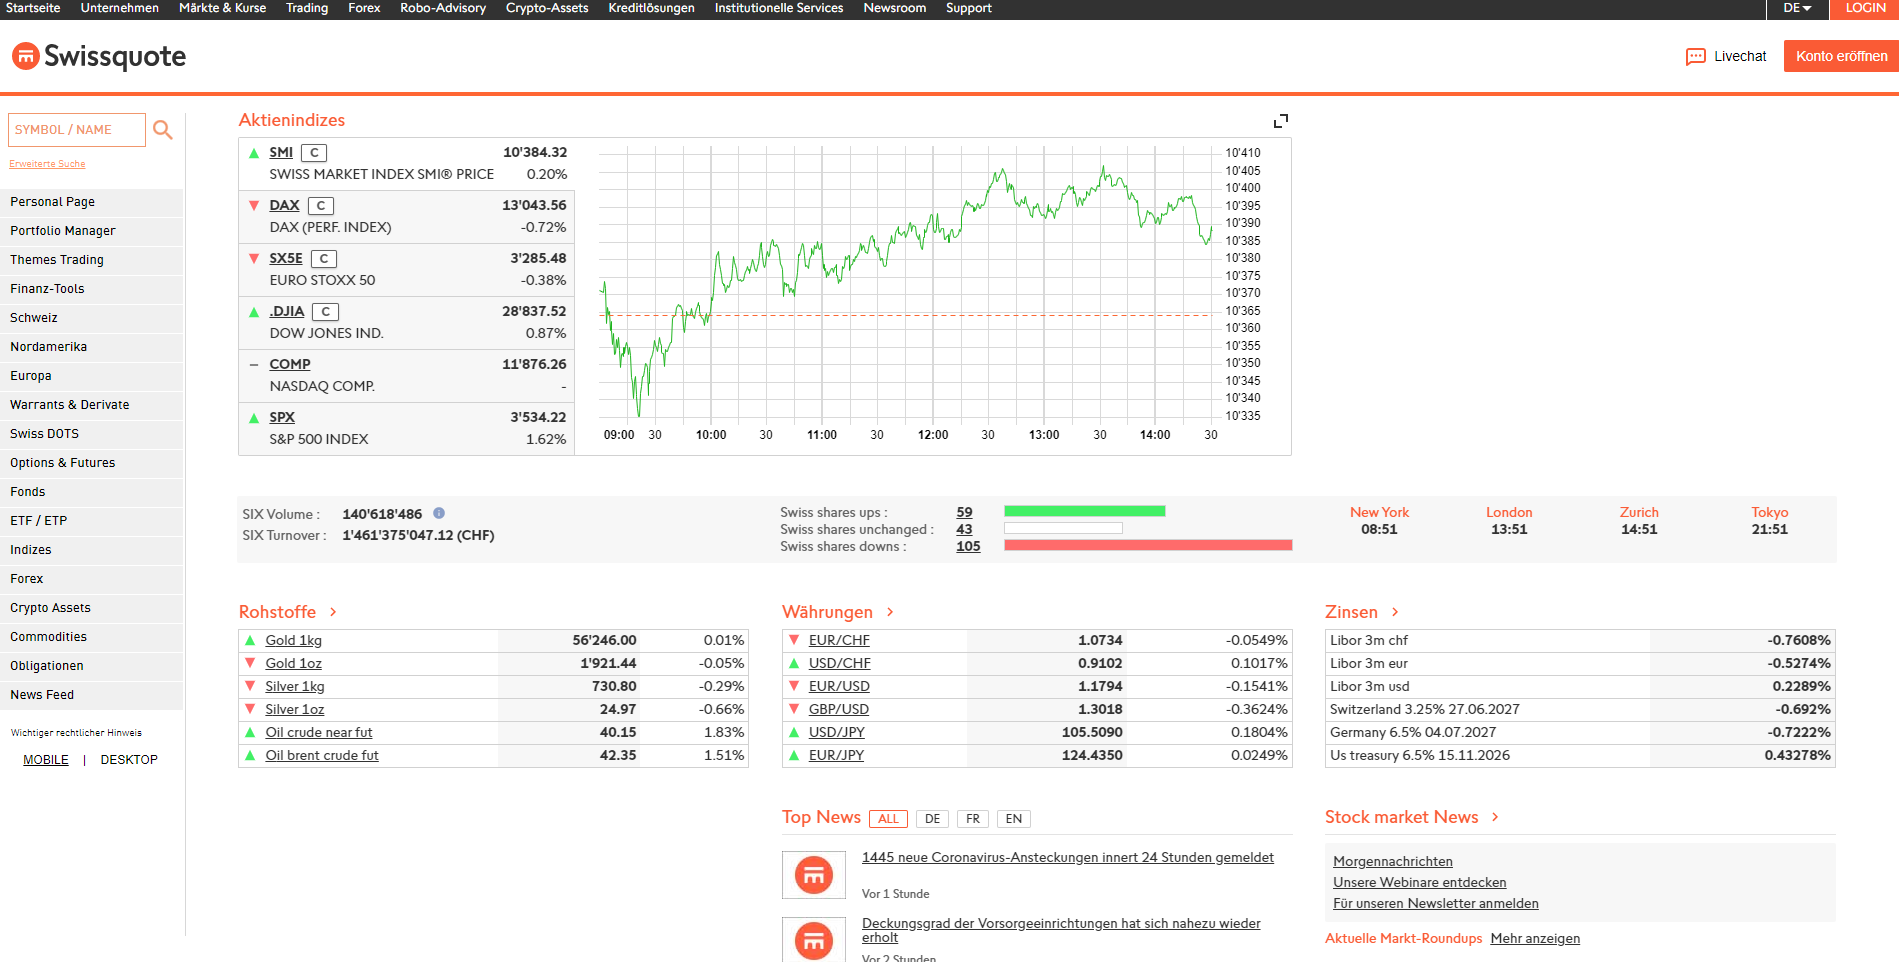 Swissquote Webseite